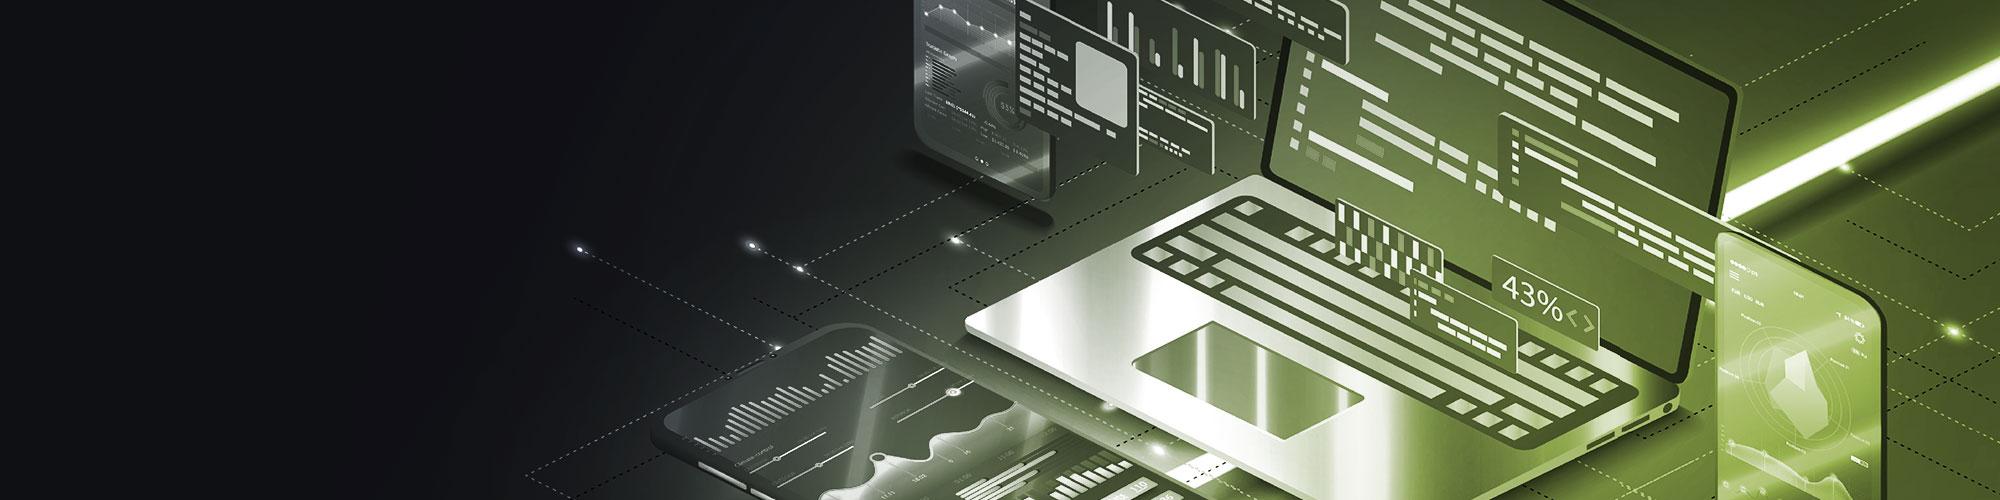 Diverse Endgeräte aus dem Webdesign